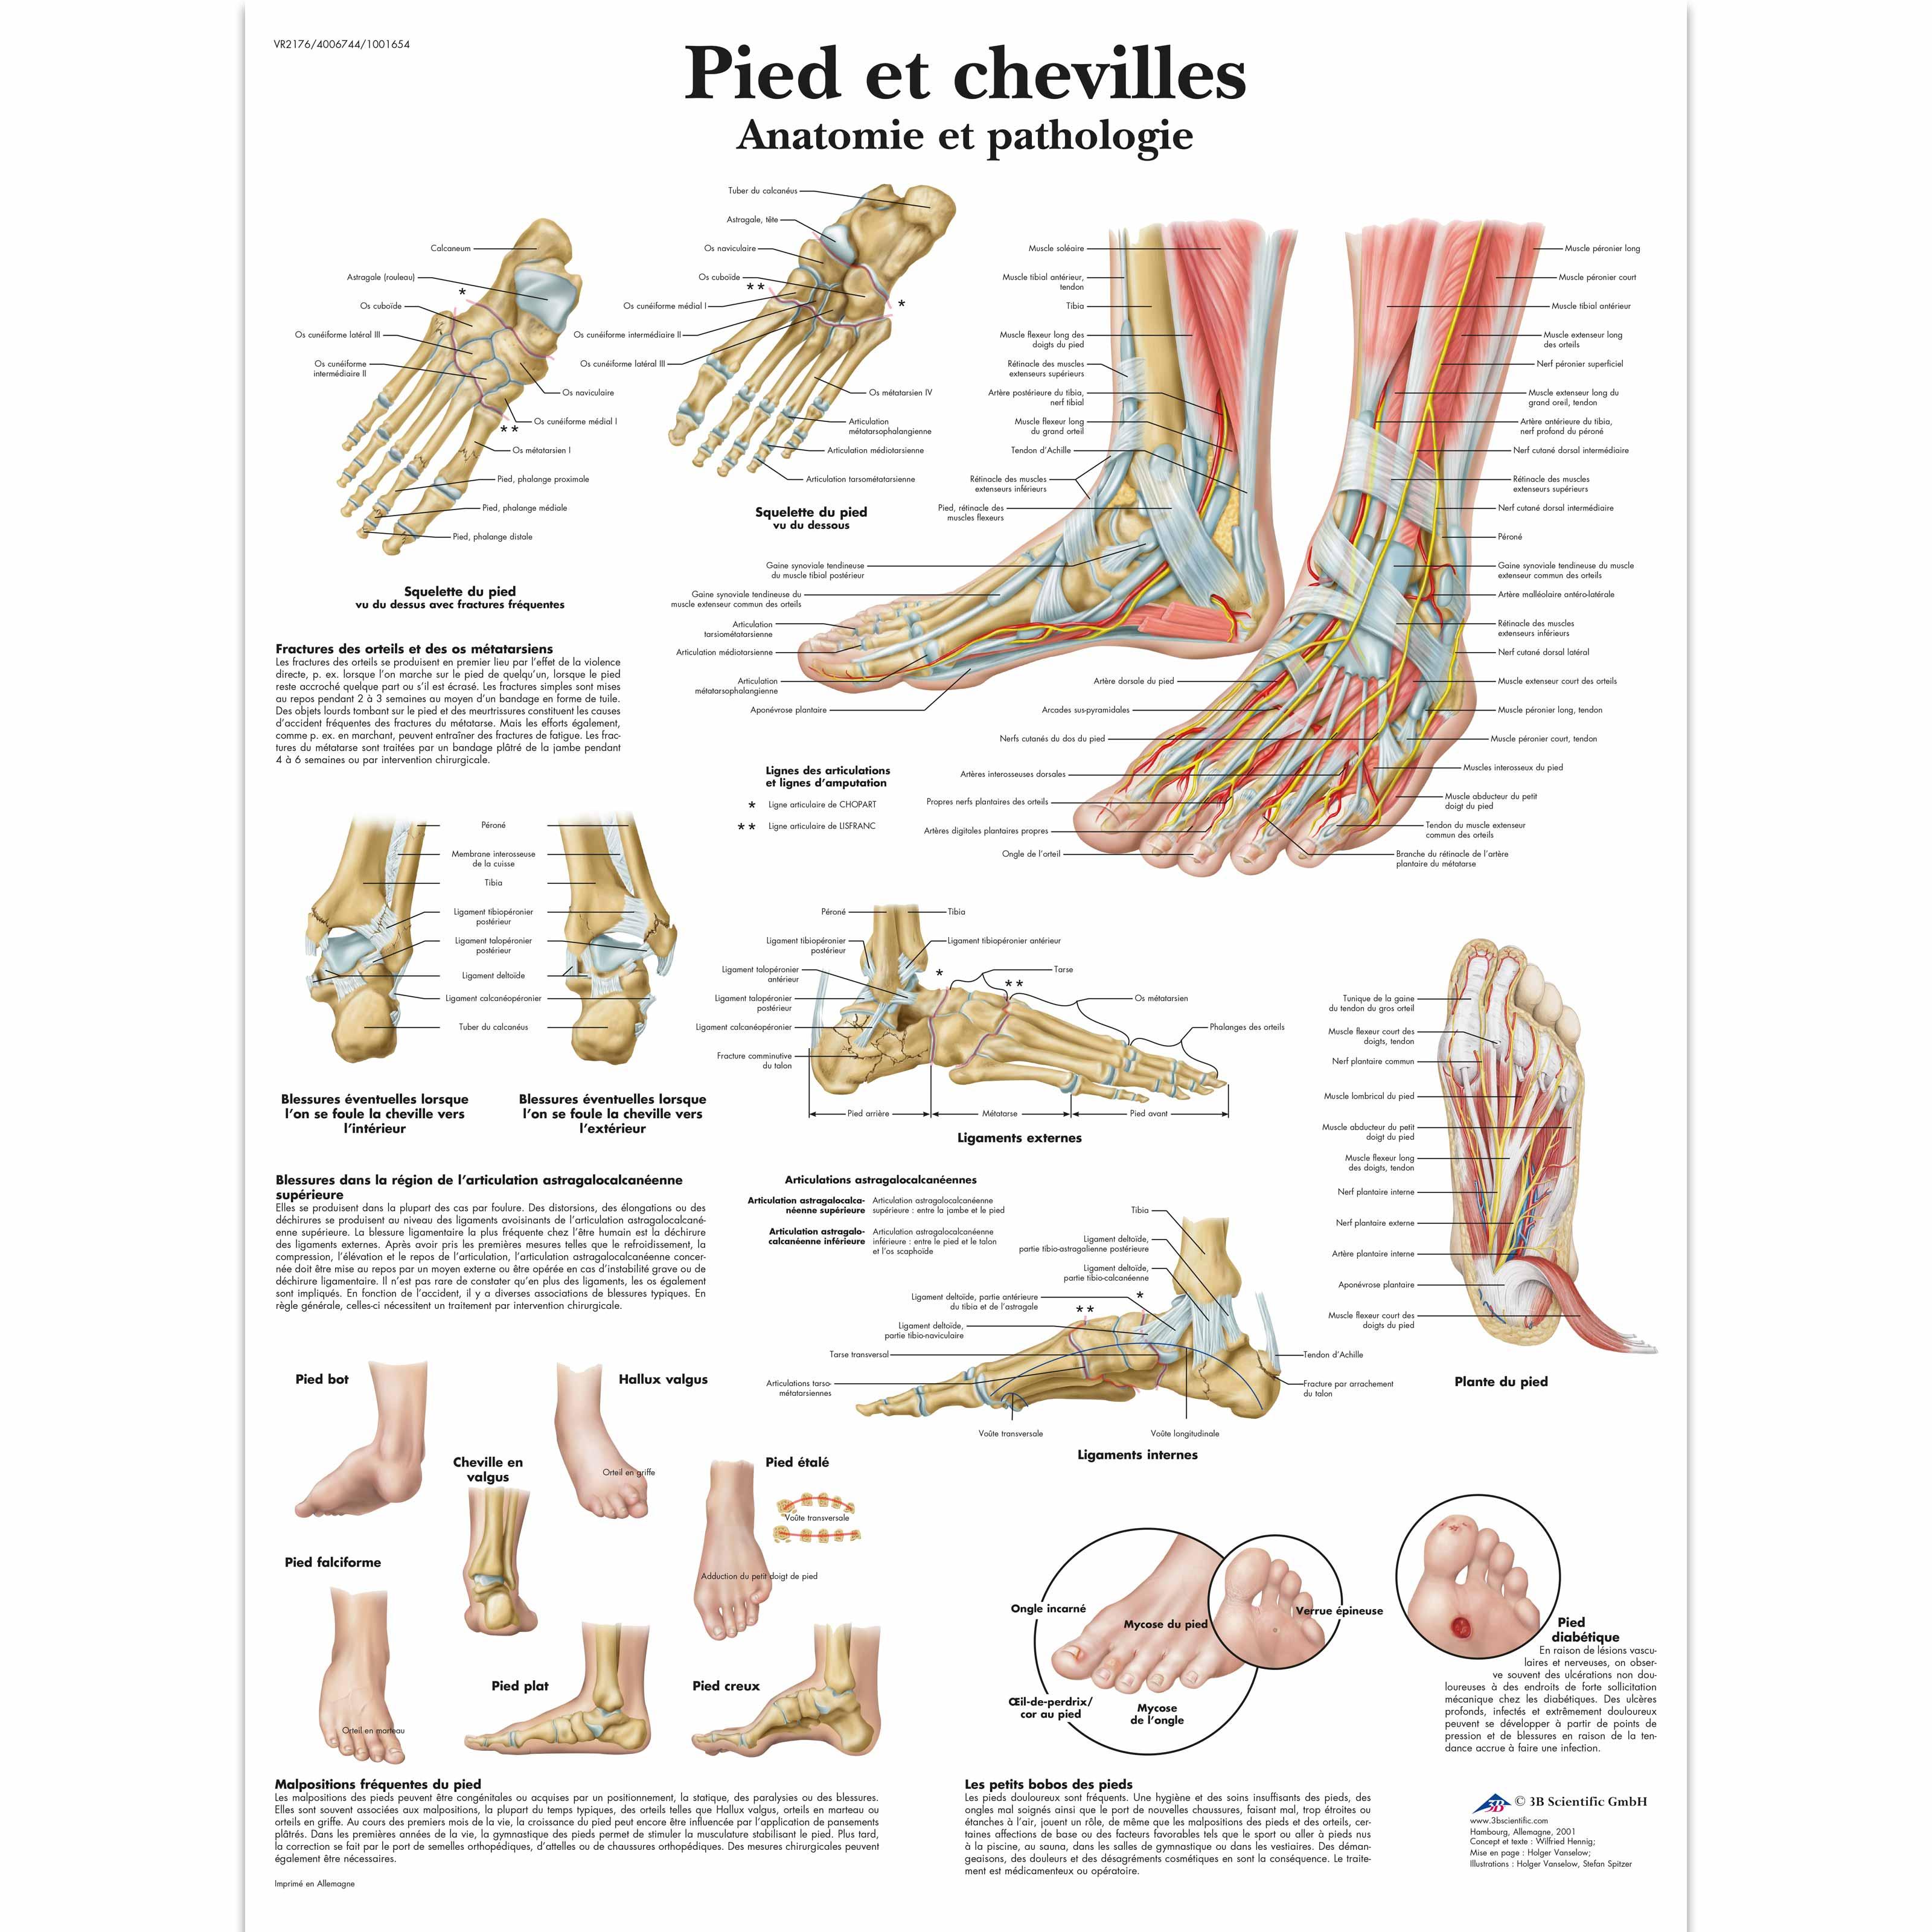 Pied et chevilles - Anatomie et pathologie - 4006744 - VR2176UU ...